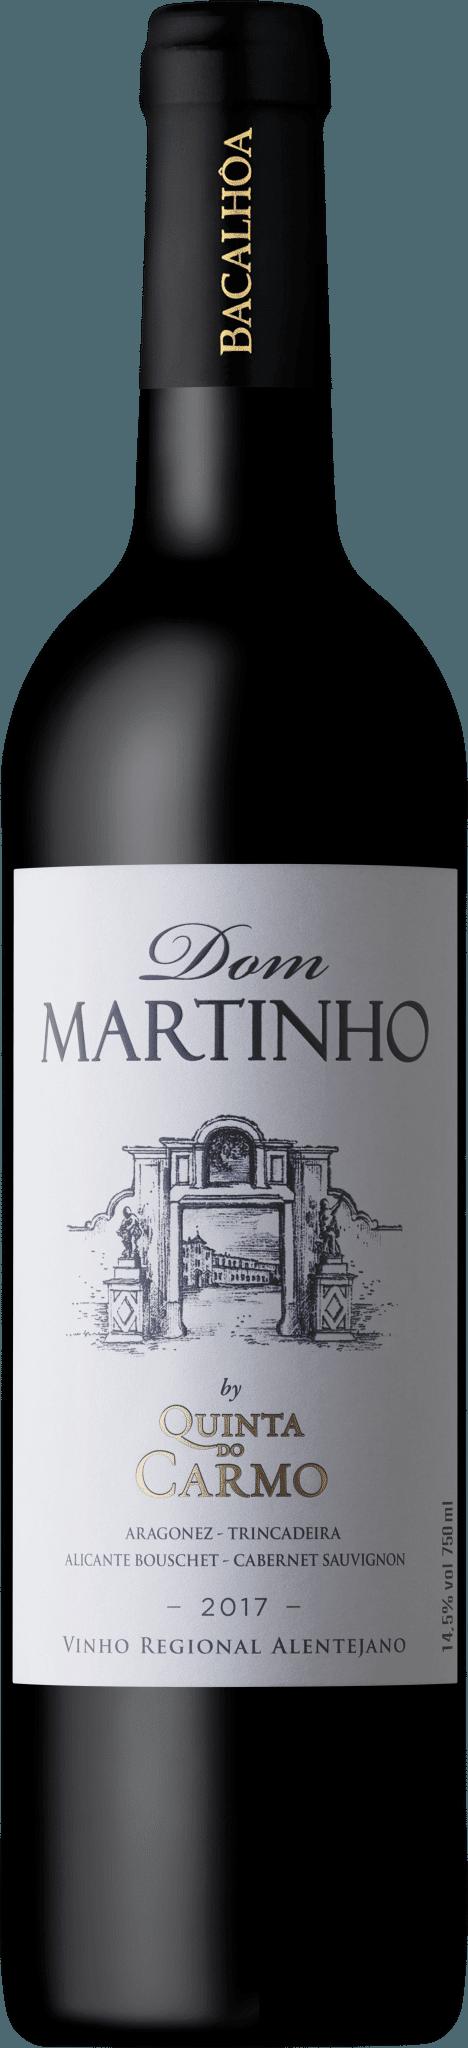 Bacalhoa Dom Martinho Tinto 750ml